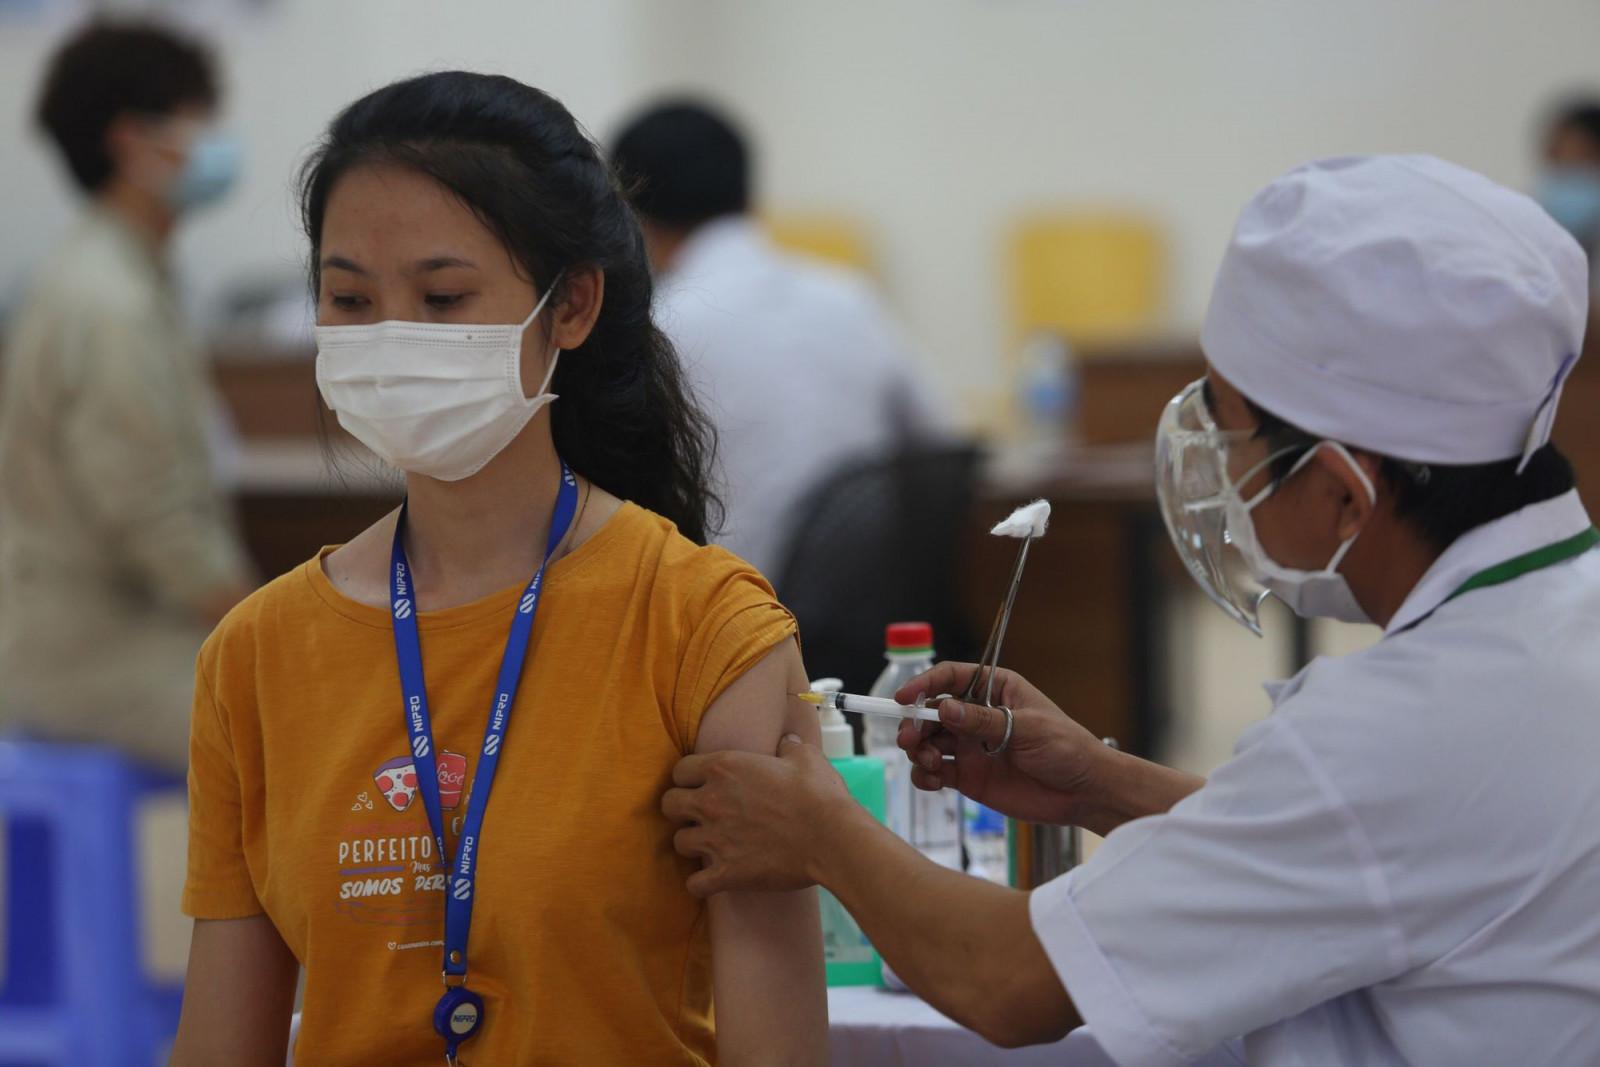 TP.HCM cần 5 triệu liều vaccine phòng Covid-19 trong tháng 8/2021.